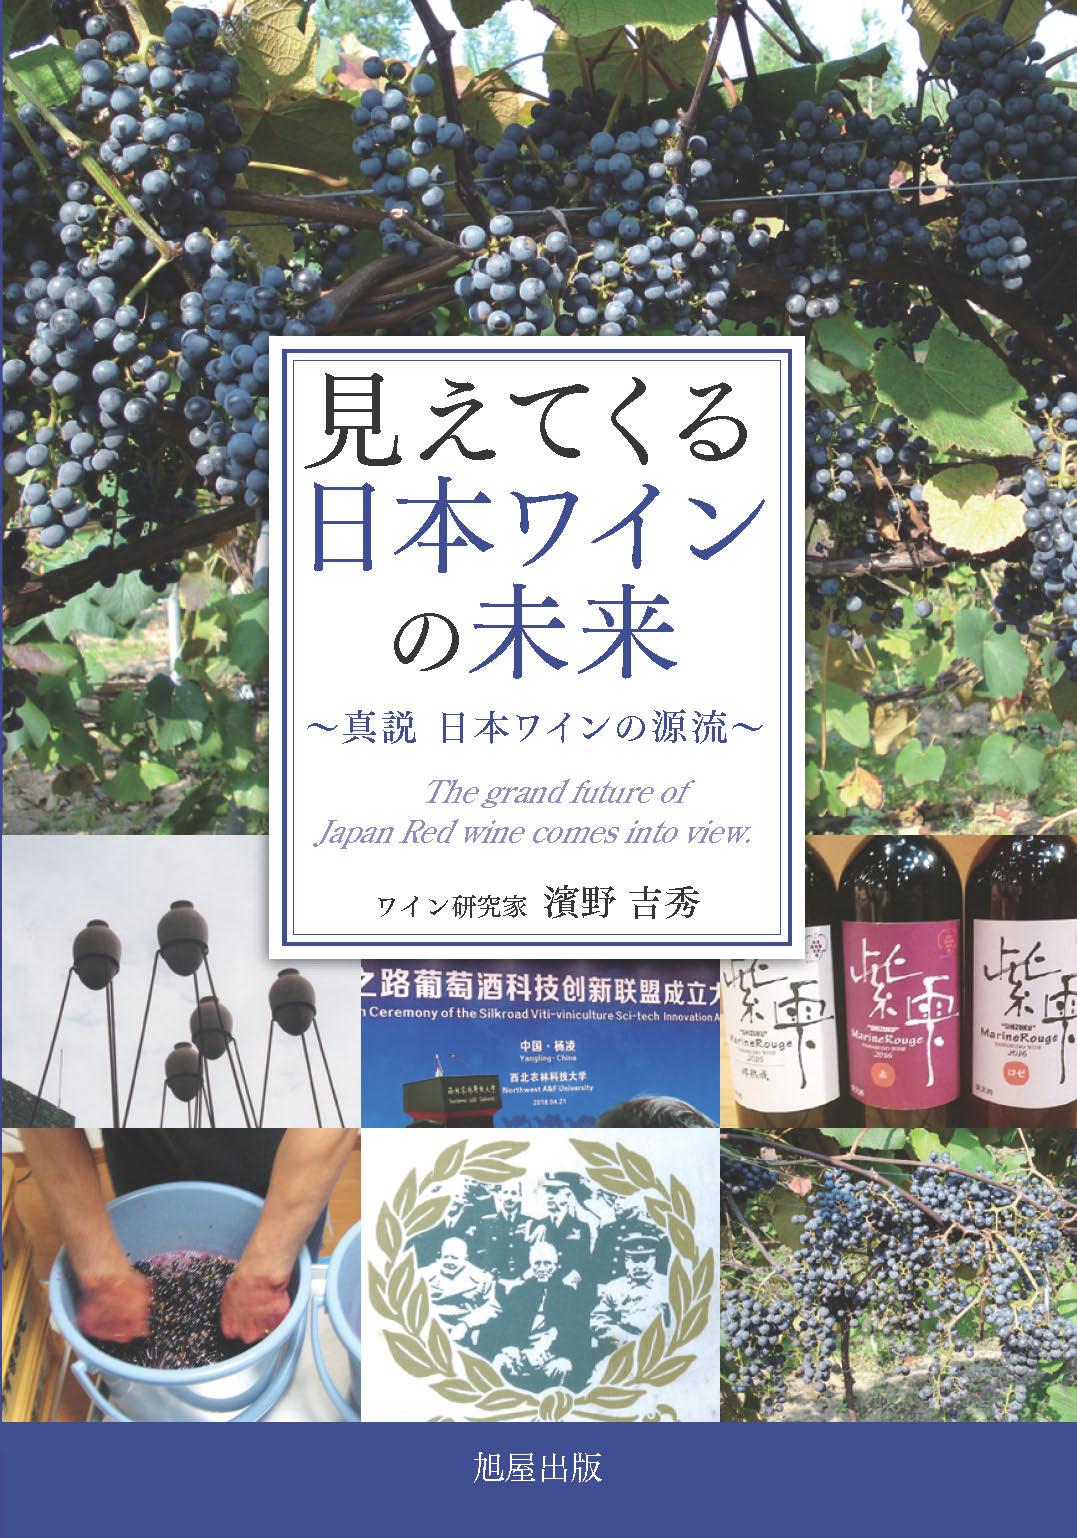 見えてくる 日本ワインの未来 ~真説 日本ワインの源流~